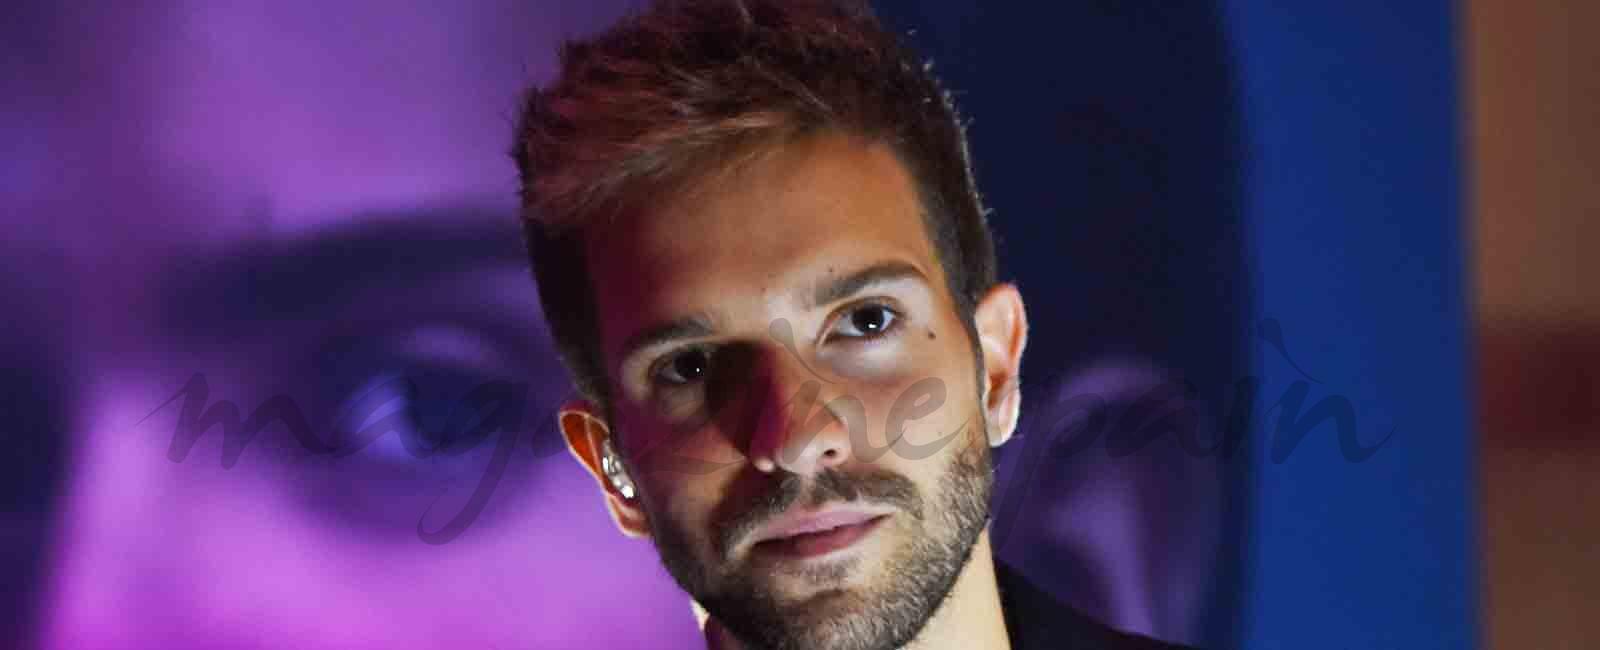 Pablo Alborán vuelve a la música en México